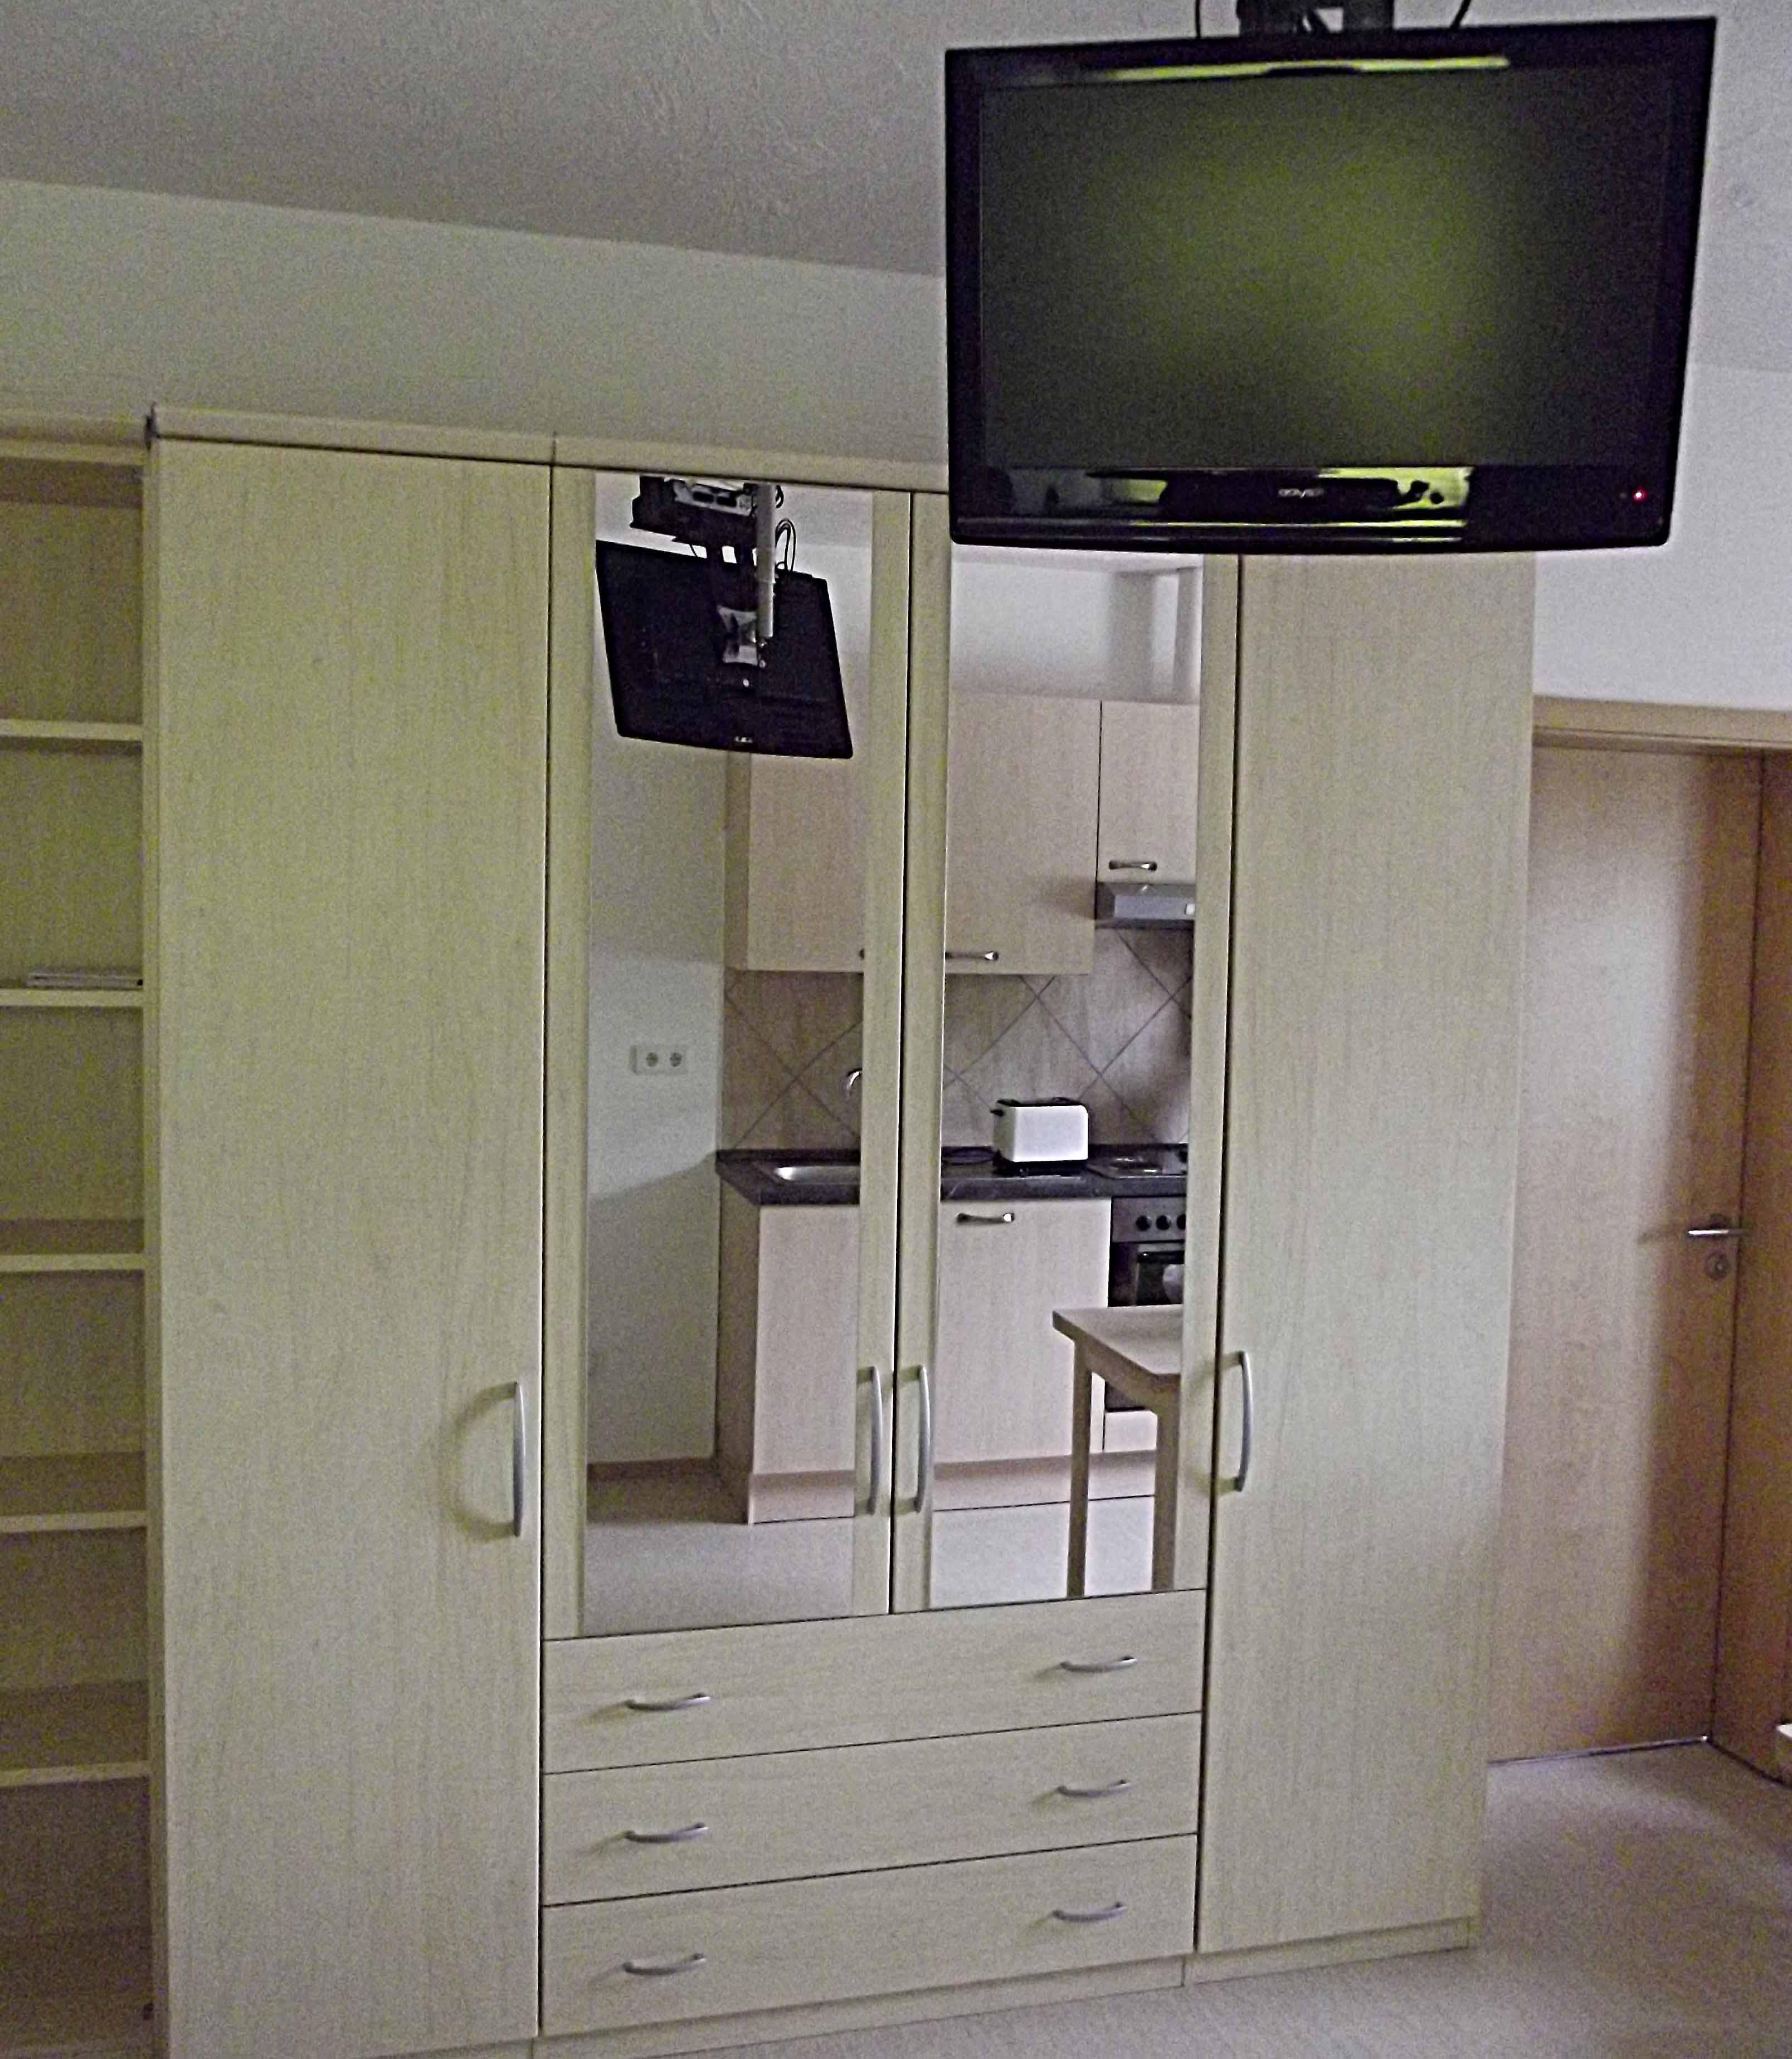 Appartment 25 m² günstig - Bad Staffelstein - 2